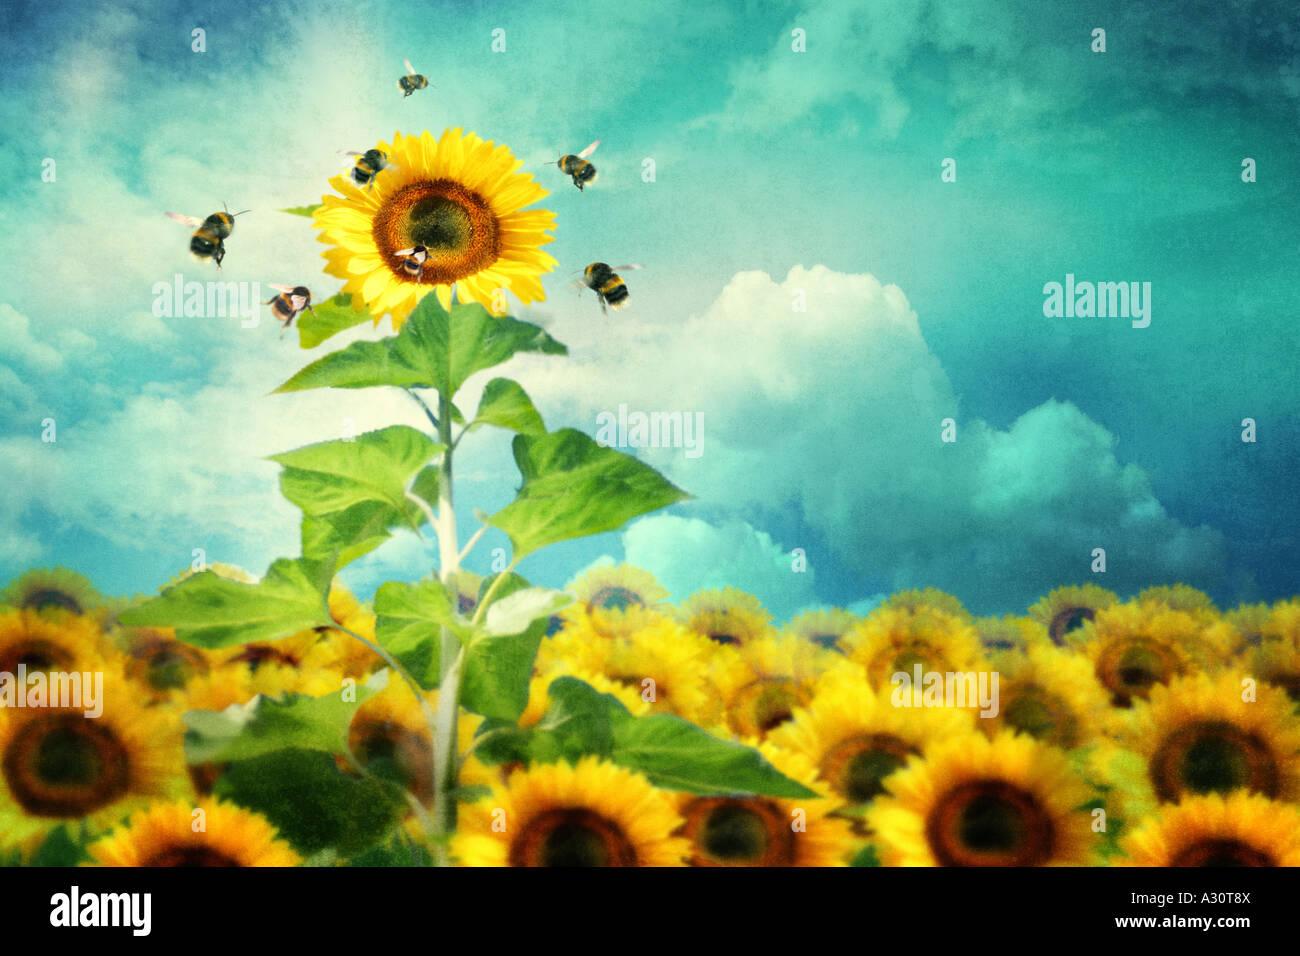 Konzept-Bild einer hohen Sonnenblume hervorstechen und zieht mehr Bienen Stockfoto